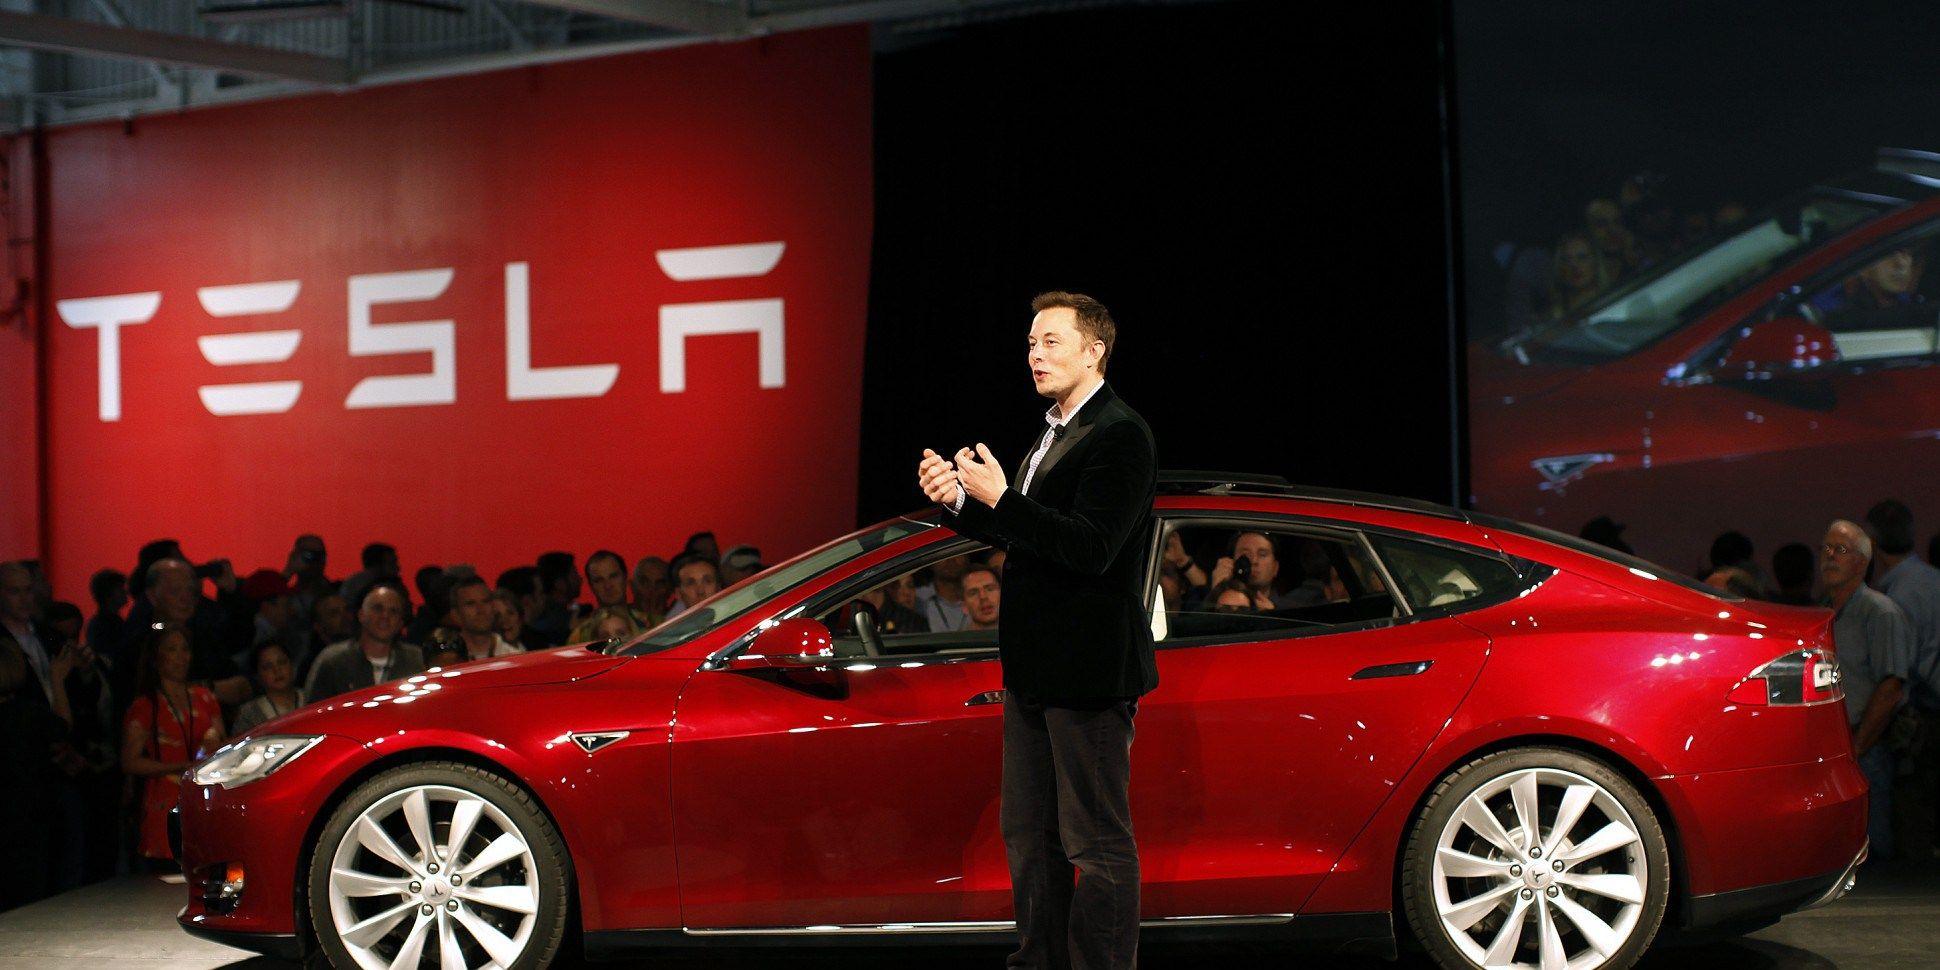 Tesla puede viajar camino a Marte, pero no cumple con los números aquí en la Tierra